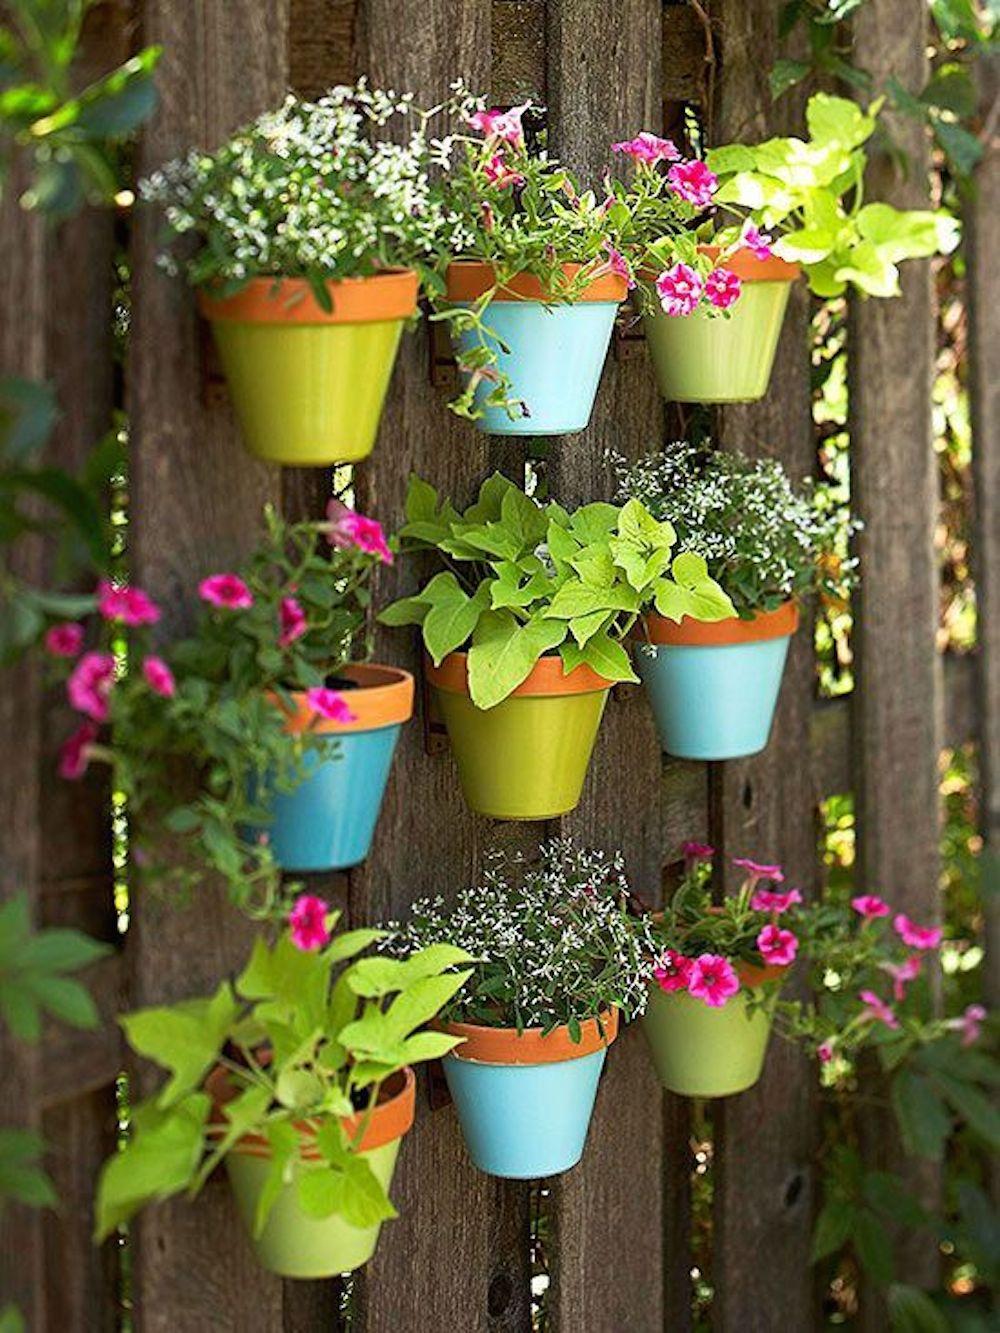 Небольшие пластиковые горшочки с цветами украсят забор на даче